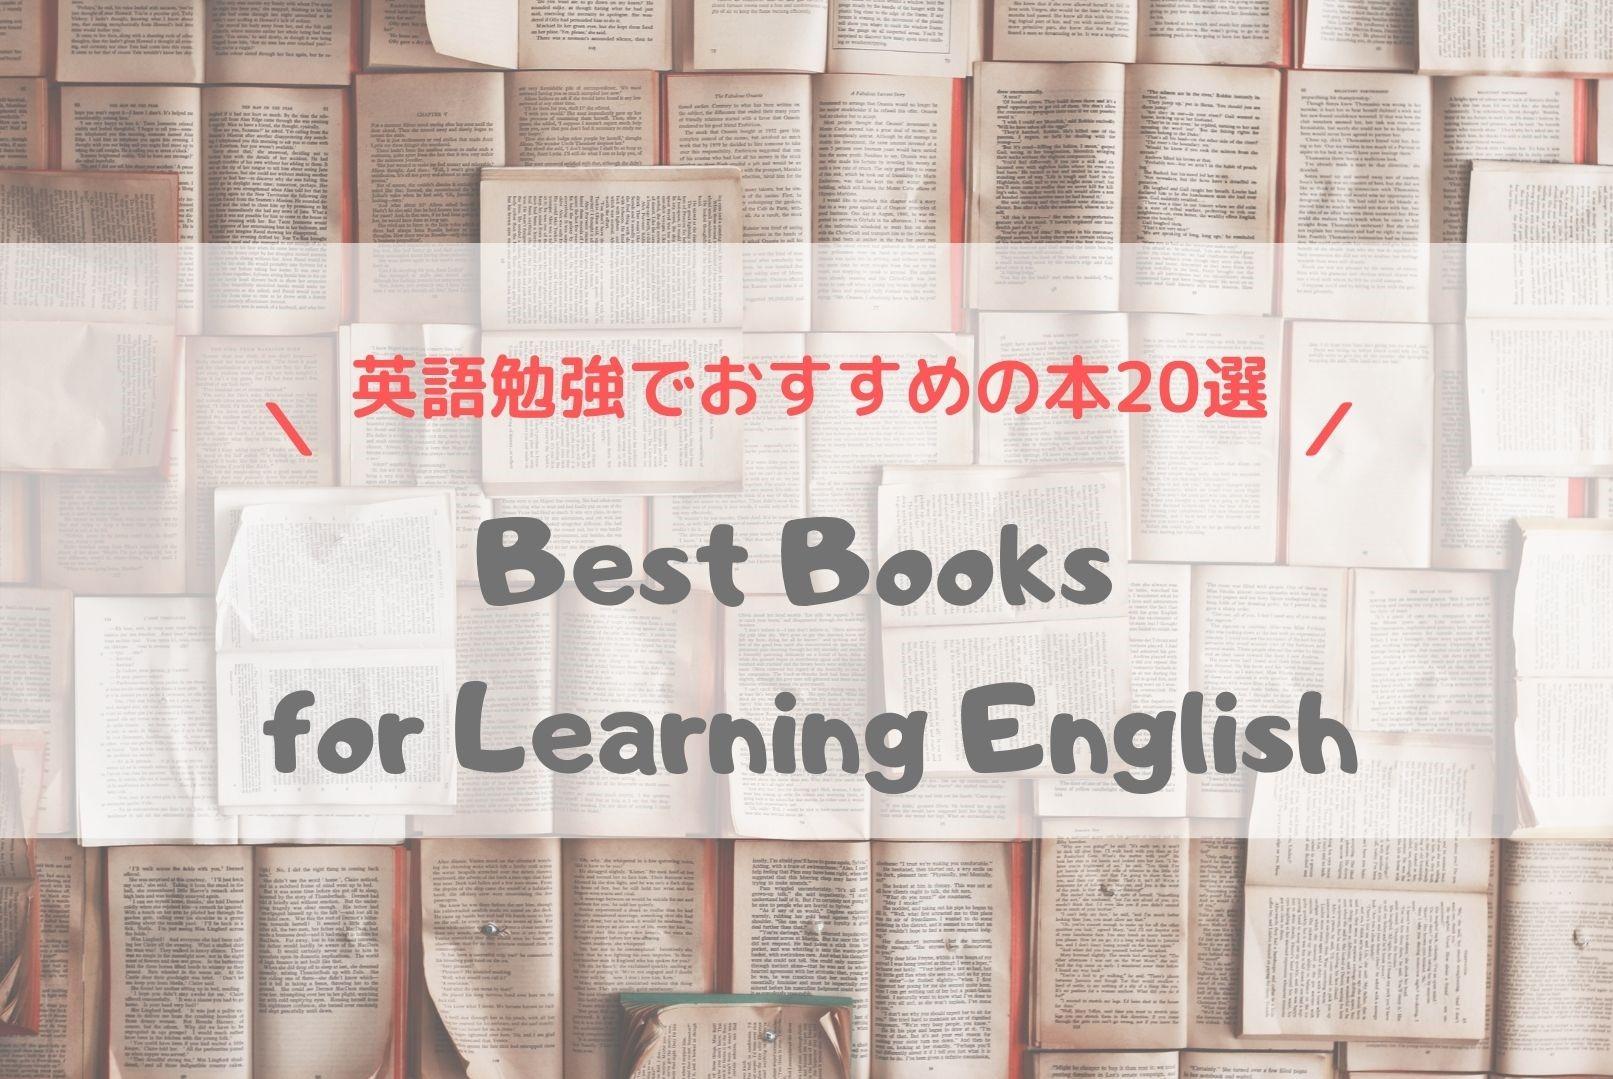 【英語勉強】おすすめの本23選!スピーキングやリーディング別 | ~ Que Sera Sera ~